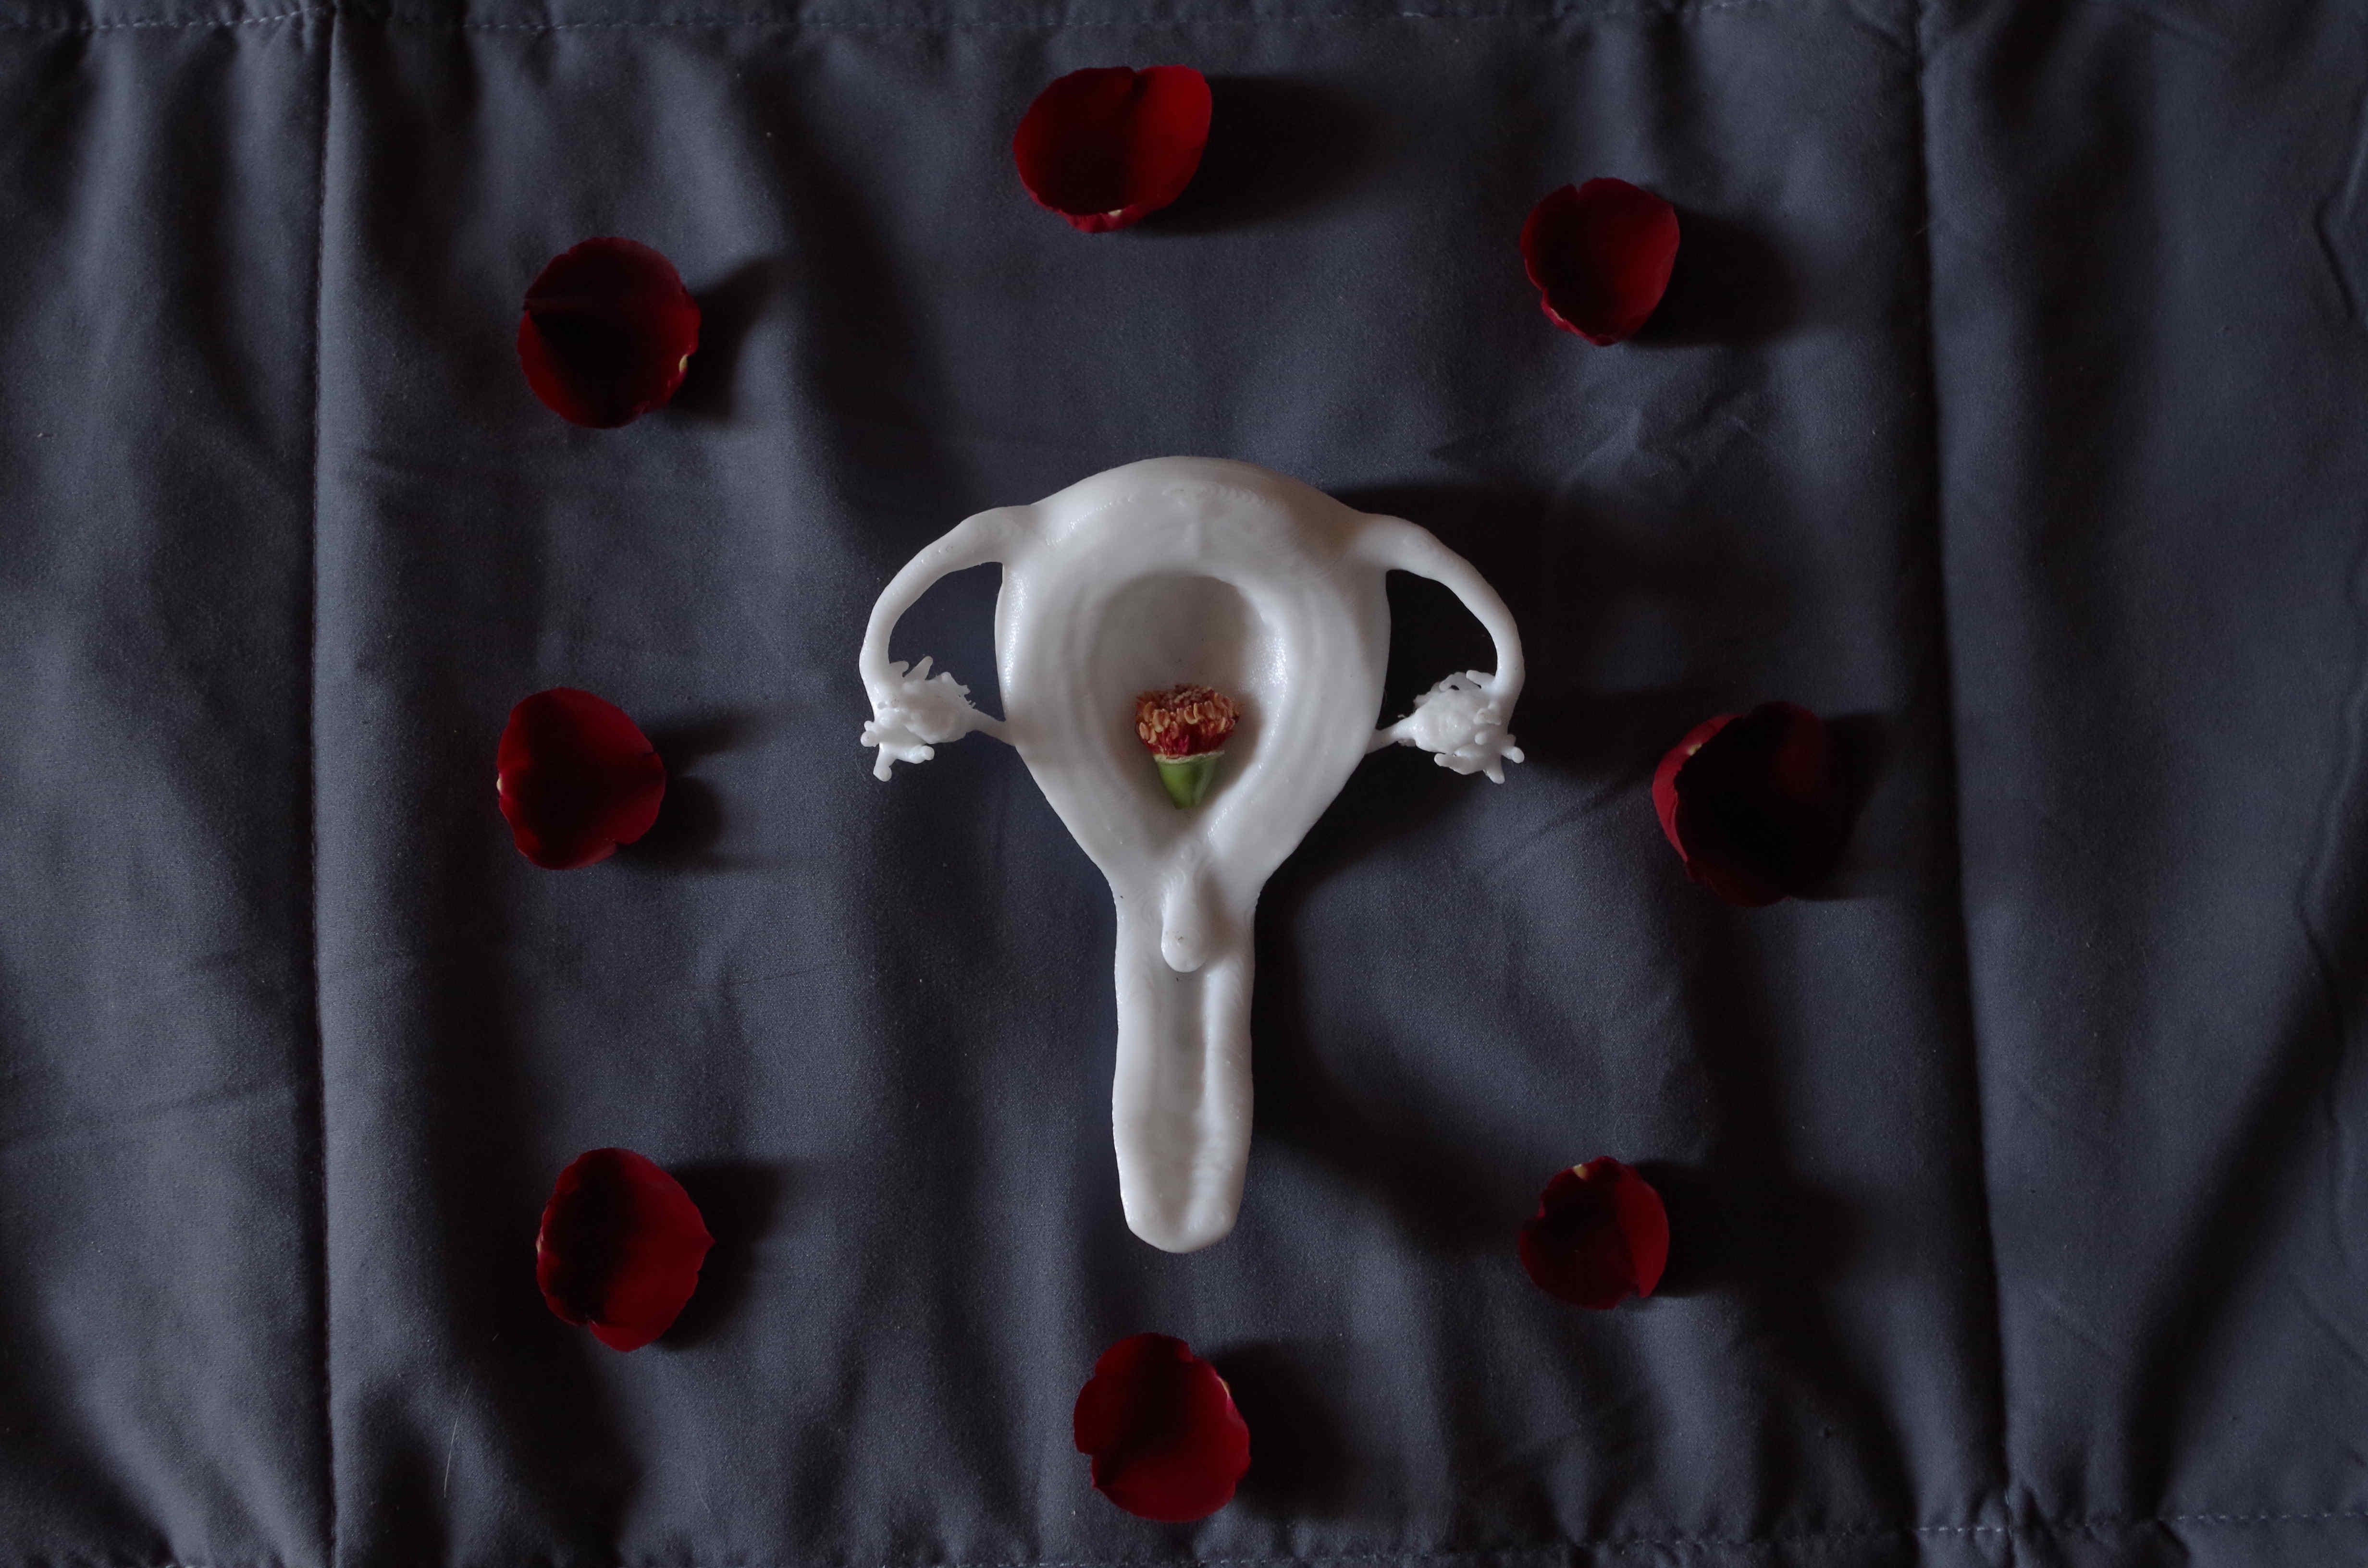 Uterus blanc imprimé en 3D avec le coeur d'une rose entouré de pétales rouges